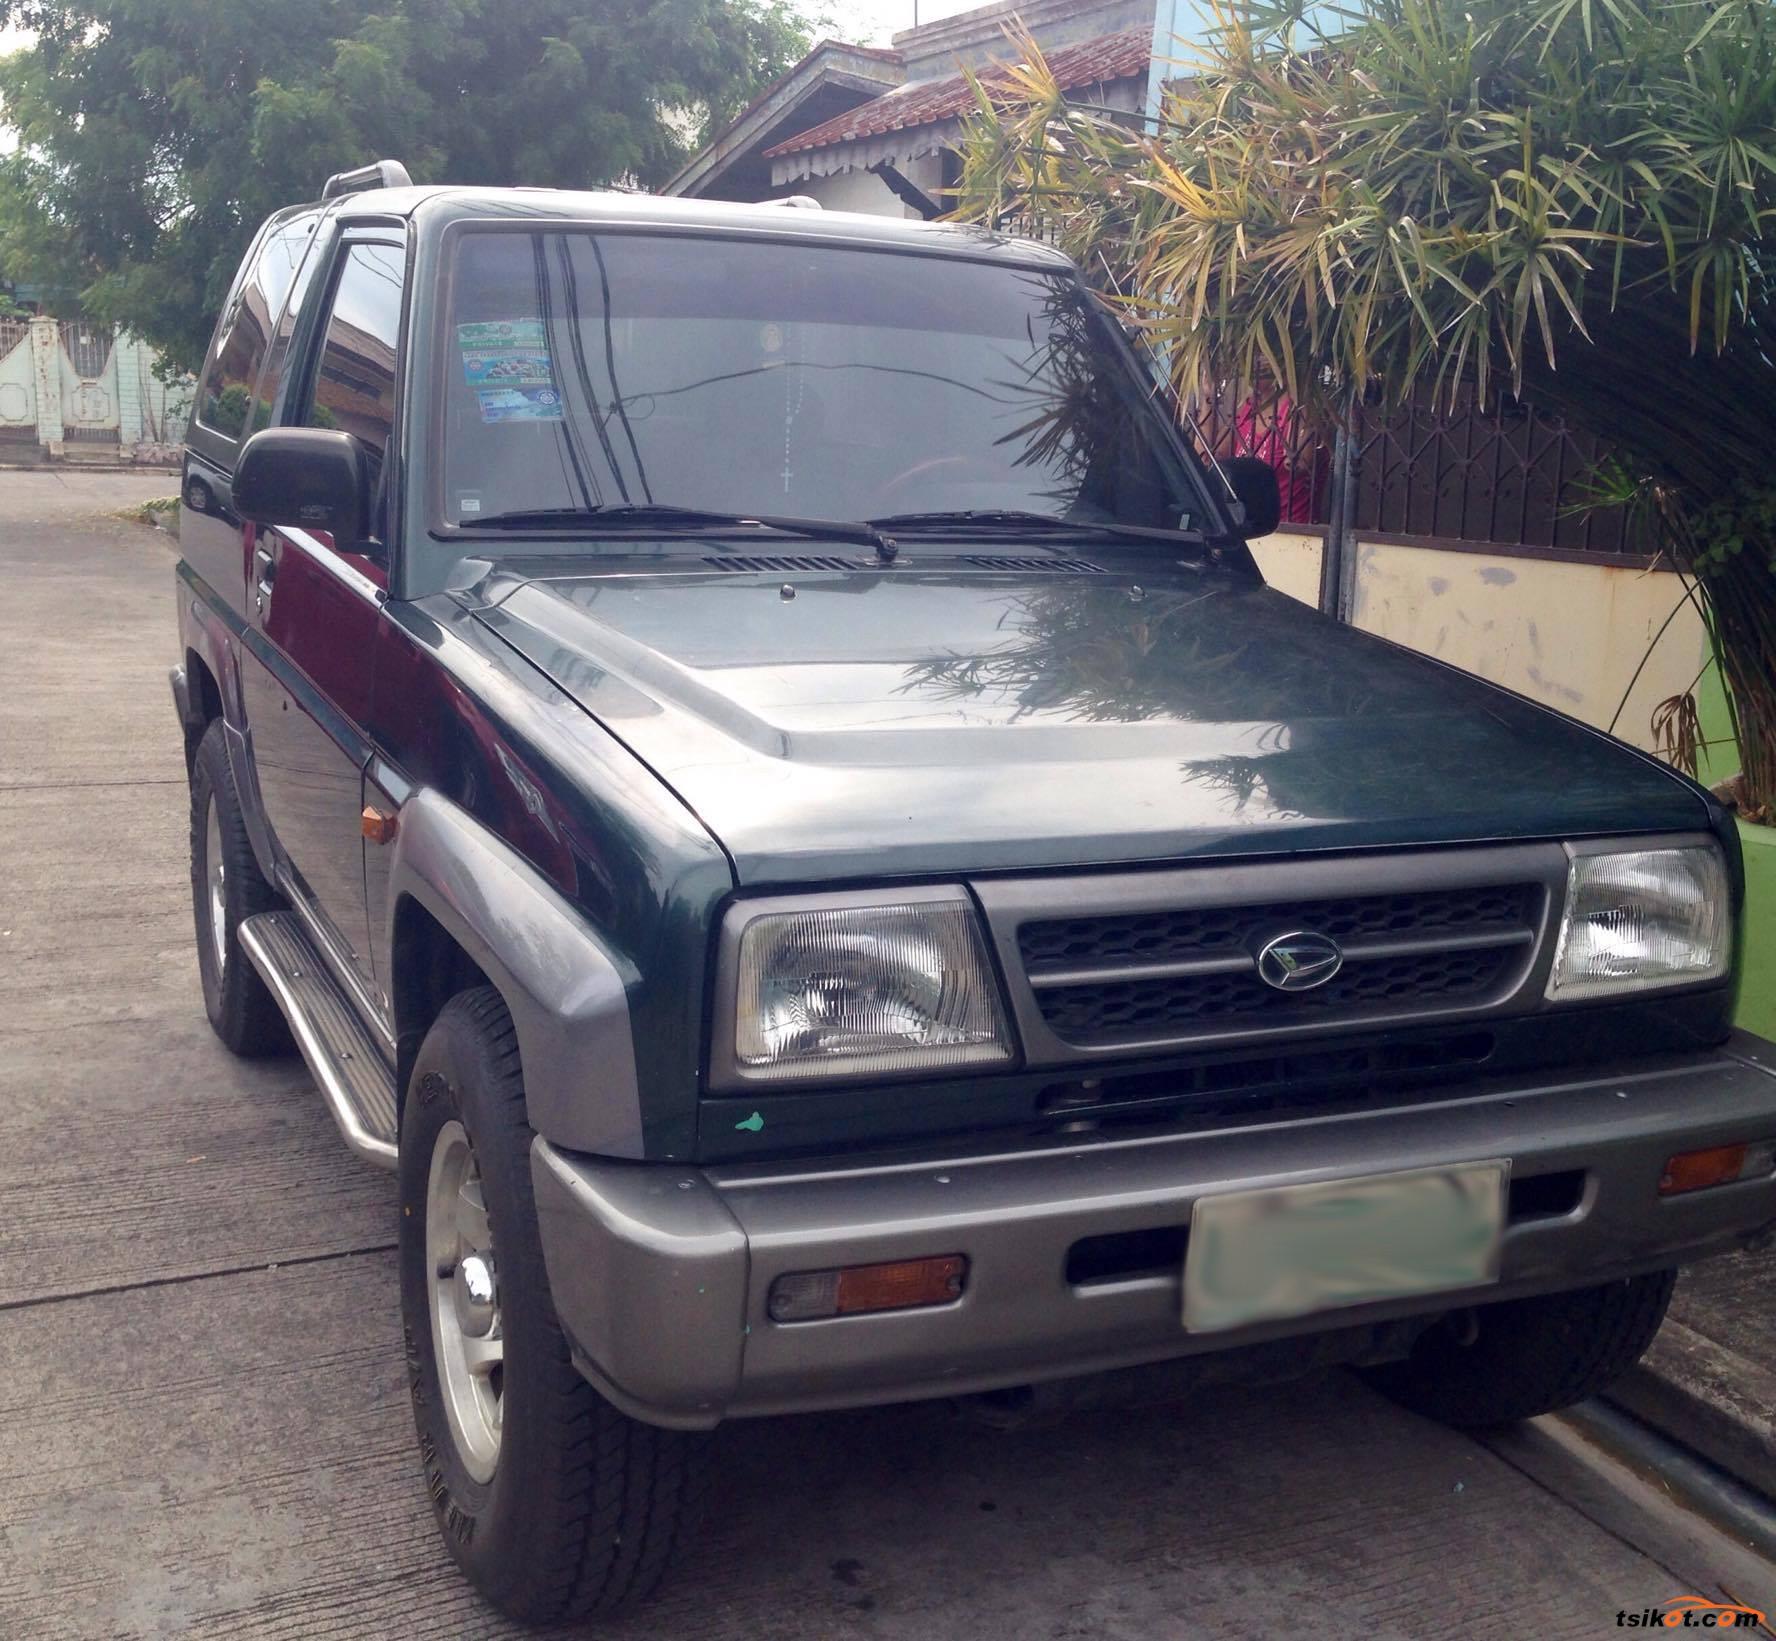 Daihatsu Feroza: Car For Sale Calabarzon